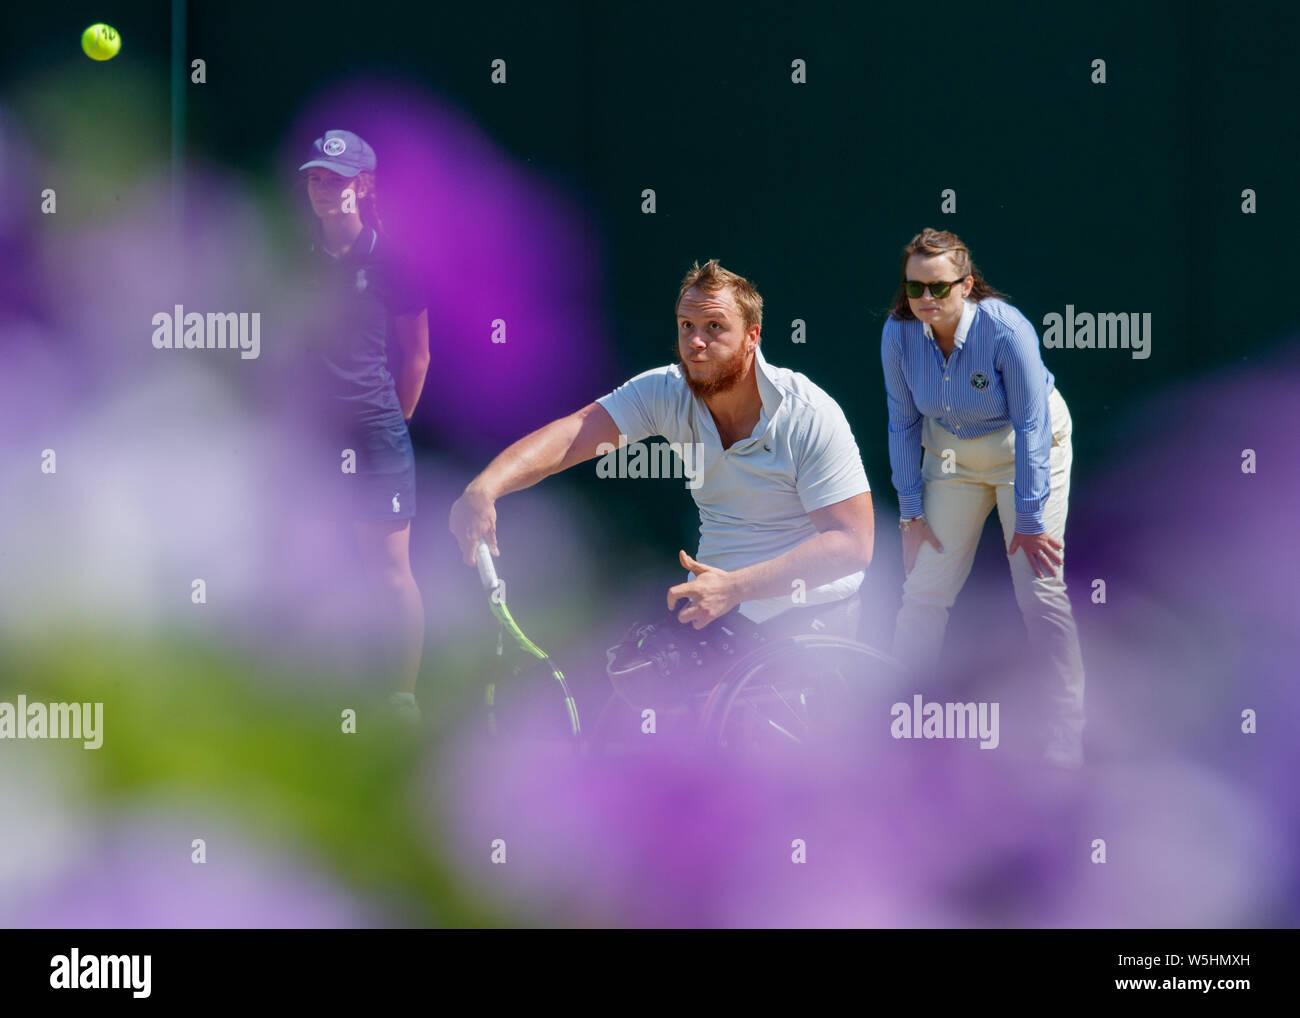 Nicolas Peifer en acción durante el partido de tenis en silla de ruedas en Wimbledon Foto de stock